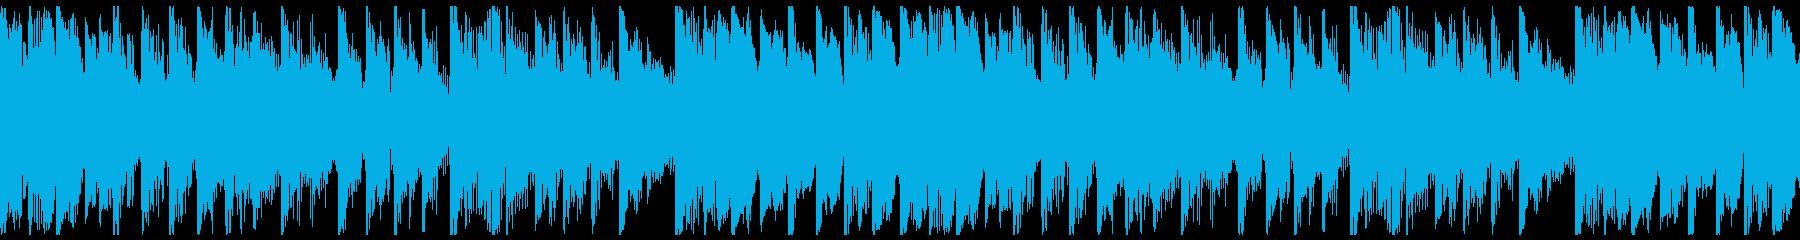 会社の事業プレゼン用トラック-ループの再生済みの波形